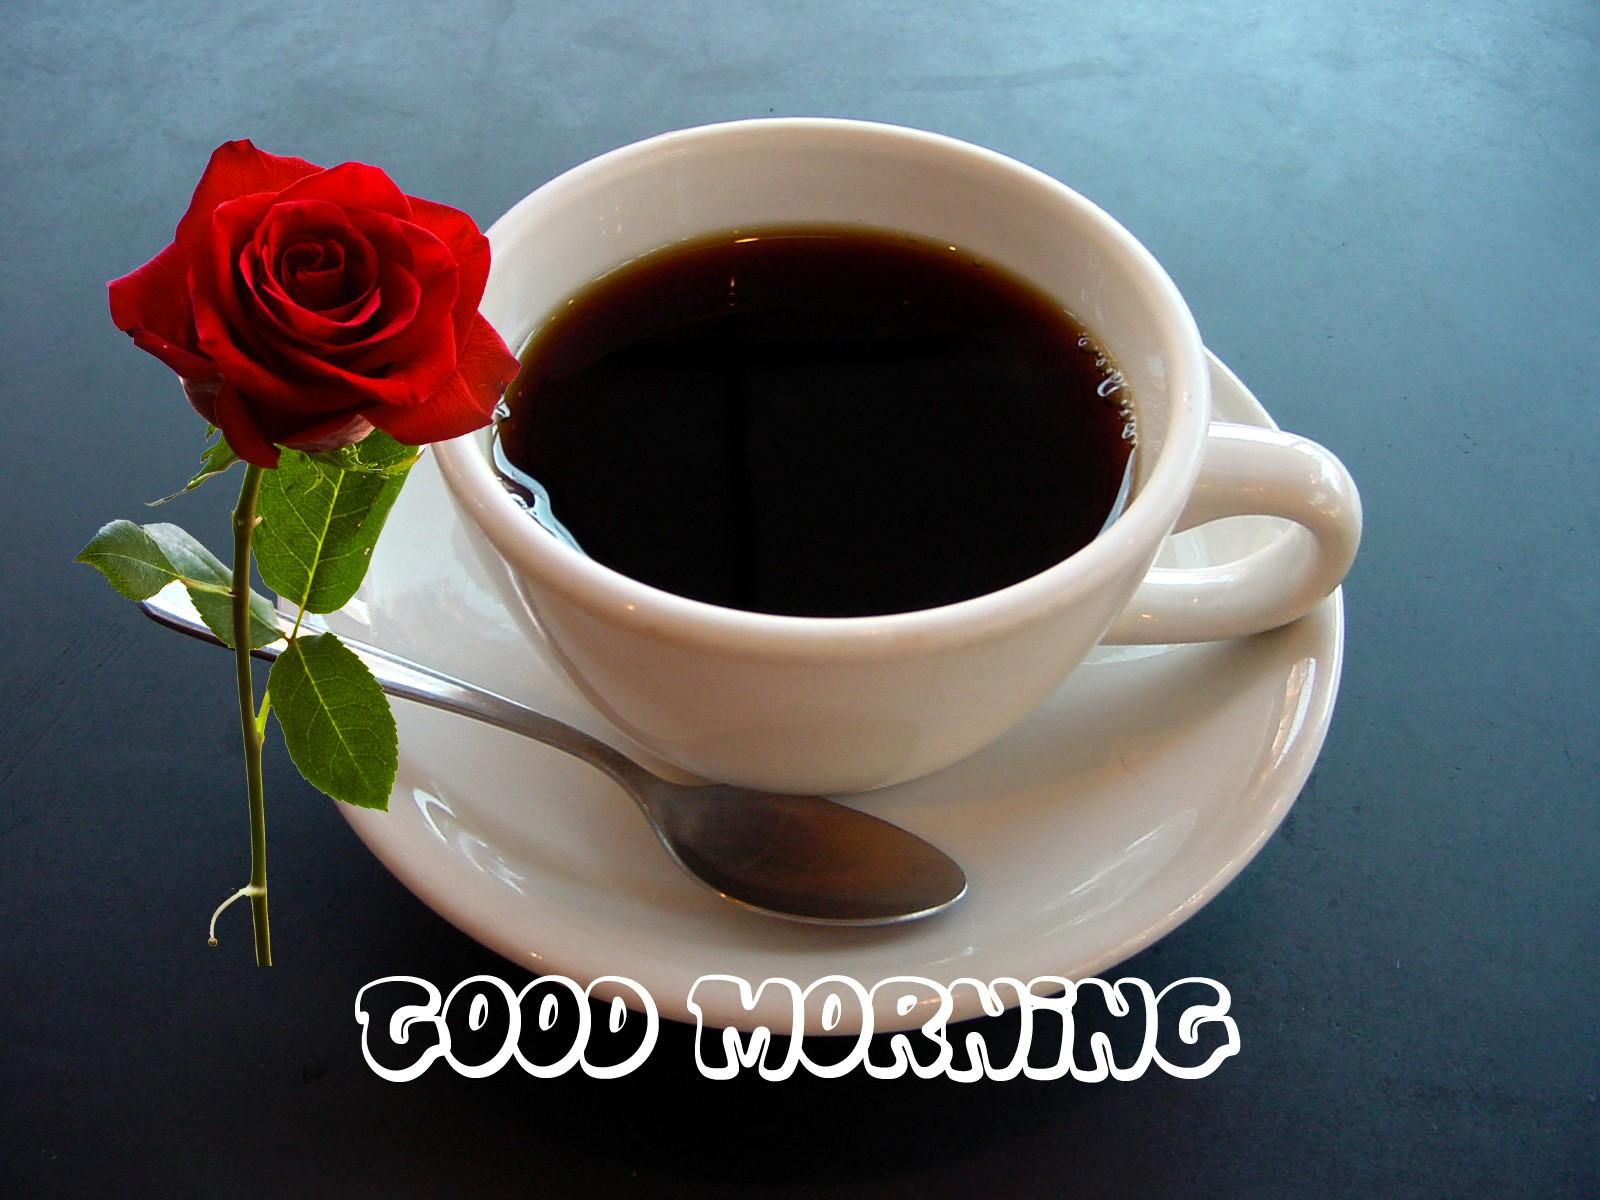 HD Good Morning Wallpaper for Mobile